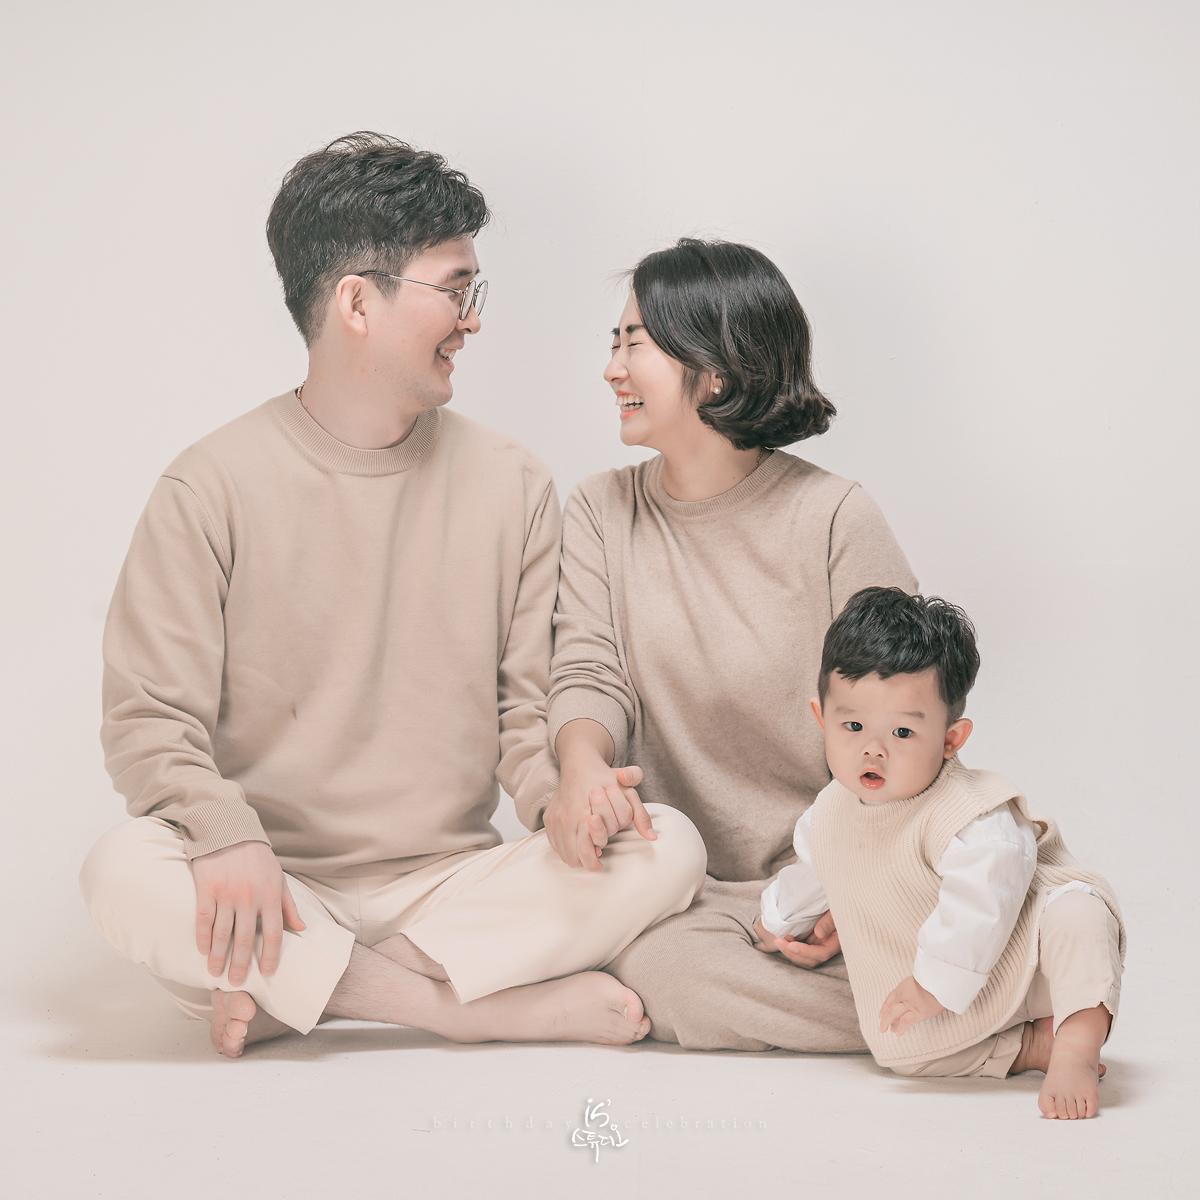 첫 돌사진 ㅣ첫 가족사진 ㅣ소중한 우리가족이야기 ㅣ 이즈스튜디오